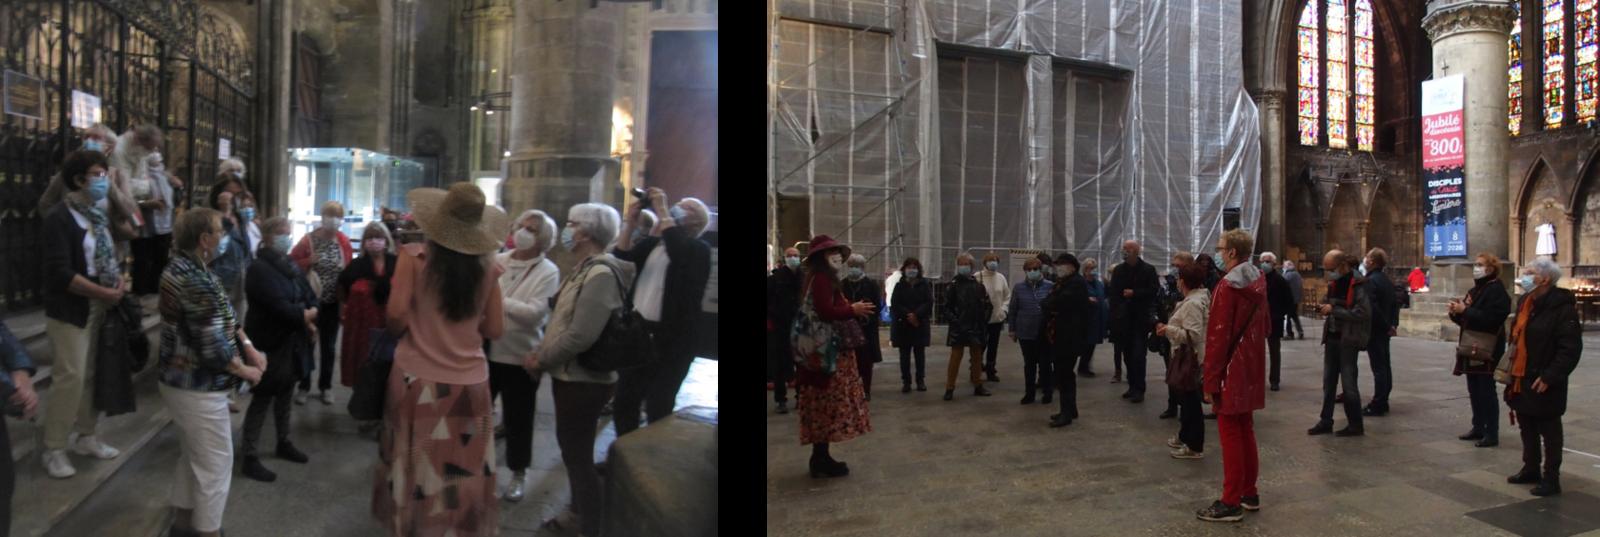 Visites guidées à la Cathédrale Saint Etienne de Metz, peintures murales et épitaphes, les 8 -10-20 et 28-8-21.